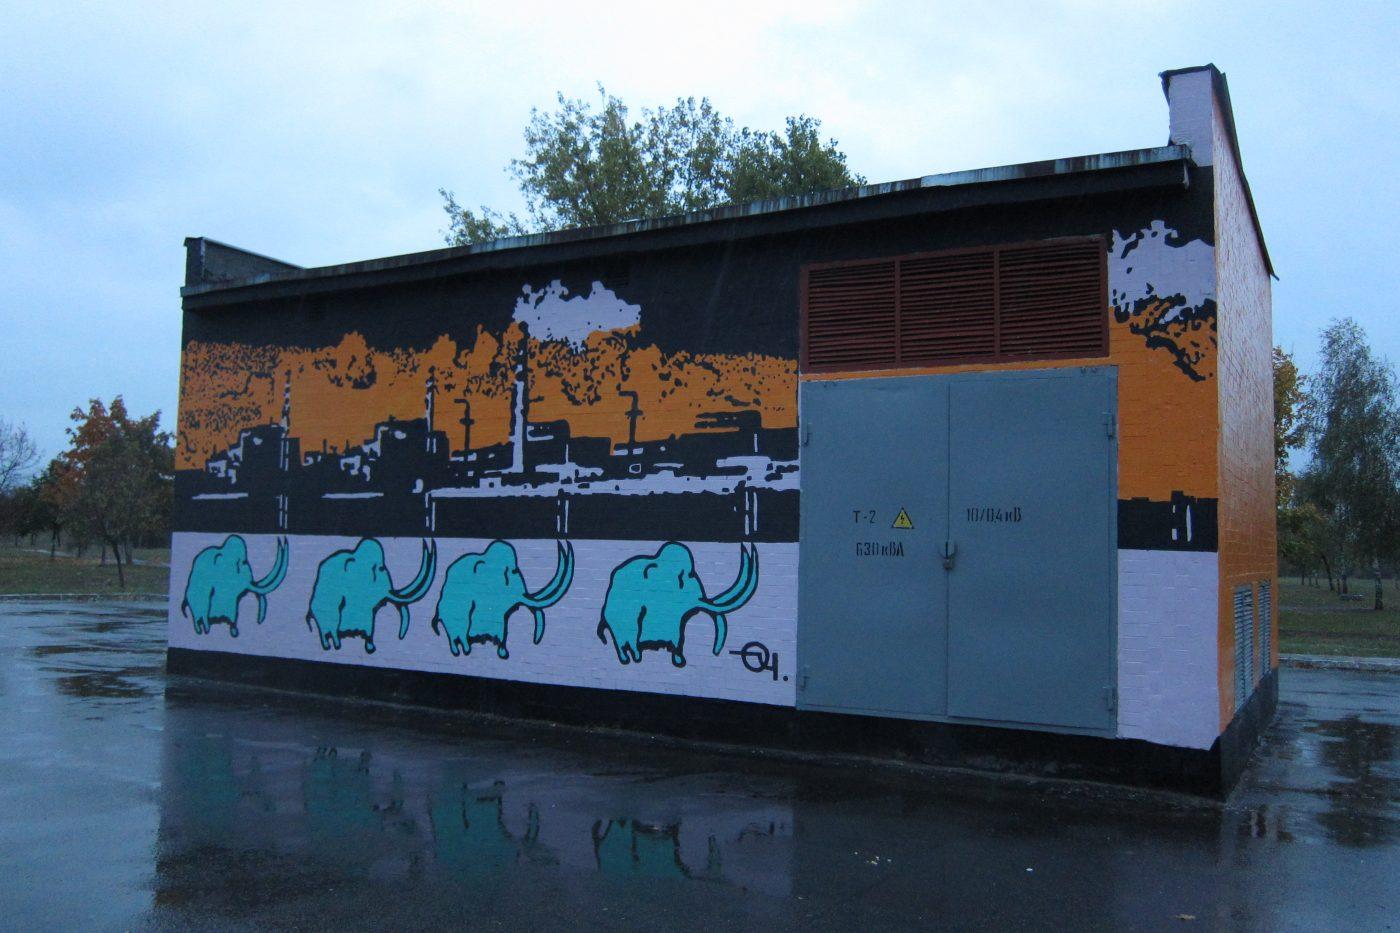 """Netišyns """"Atom-Mammuts""""-Graffiti der lokalen Künstlergruppe Garage Gang, Foto: Svetlana Boltovskaja"""